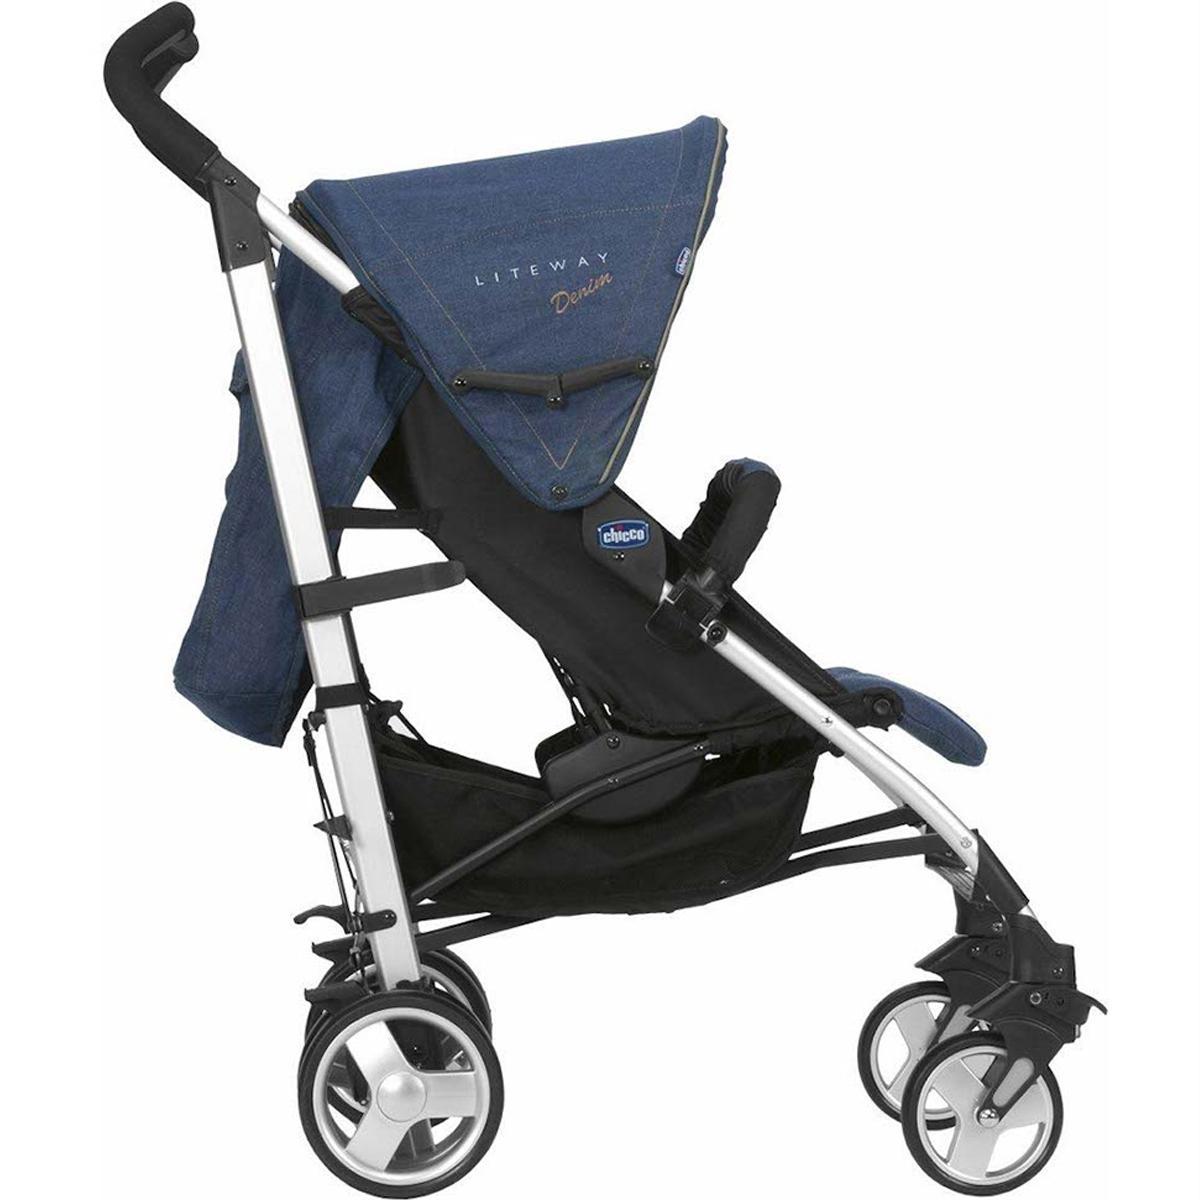 carrinho de beb chicco lite way at 15kg denim produtos para passeio com o beb. Black Bedroom Furniture Sets. Home Design Ideas